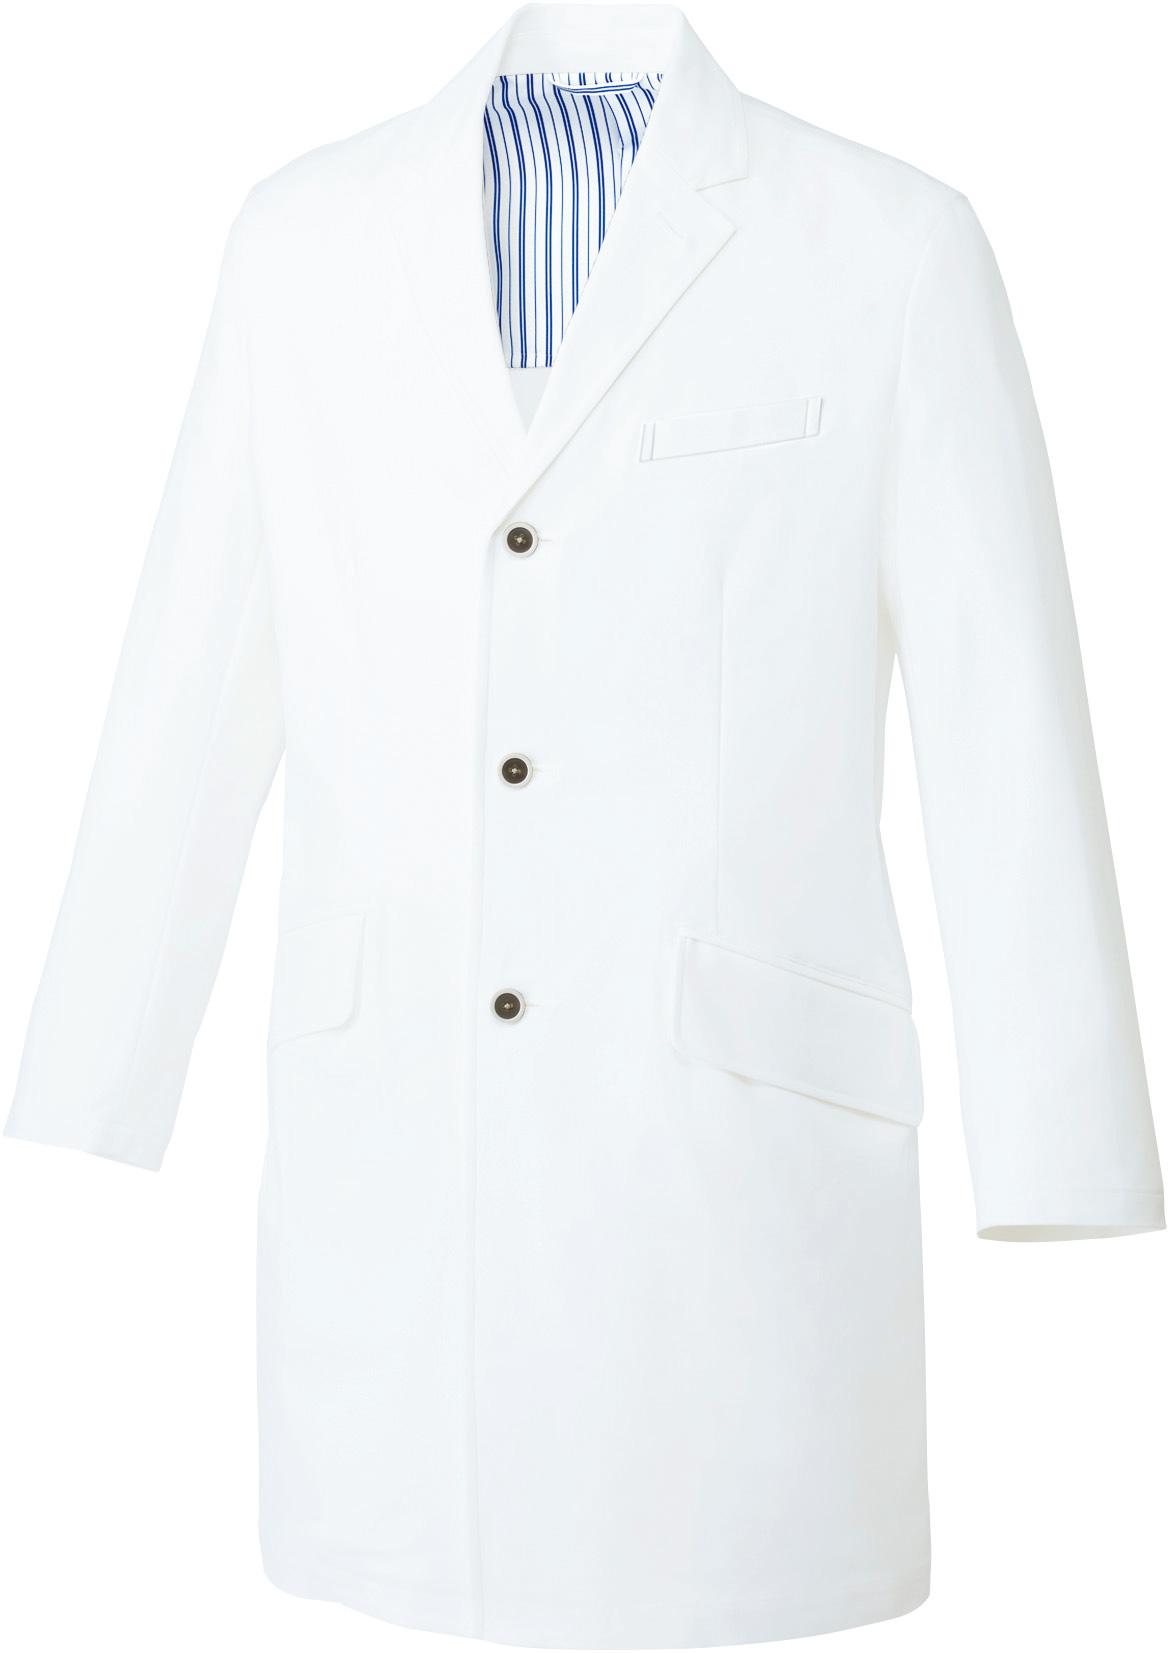 ドクターコート/白衣(長袖)[男]販売。刺繍、プリント加工対応します。研修医、医療チームウェアに人気